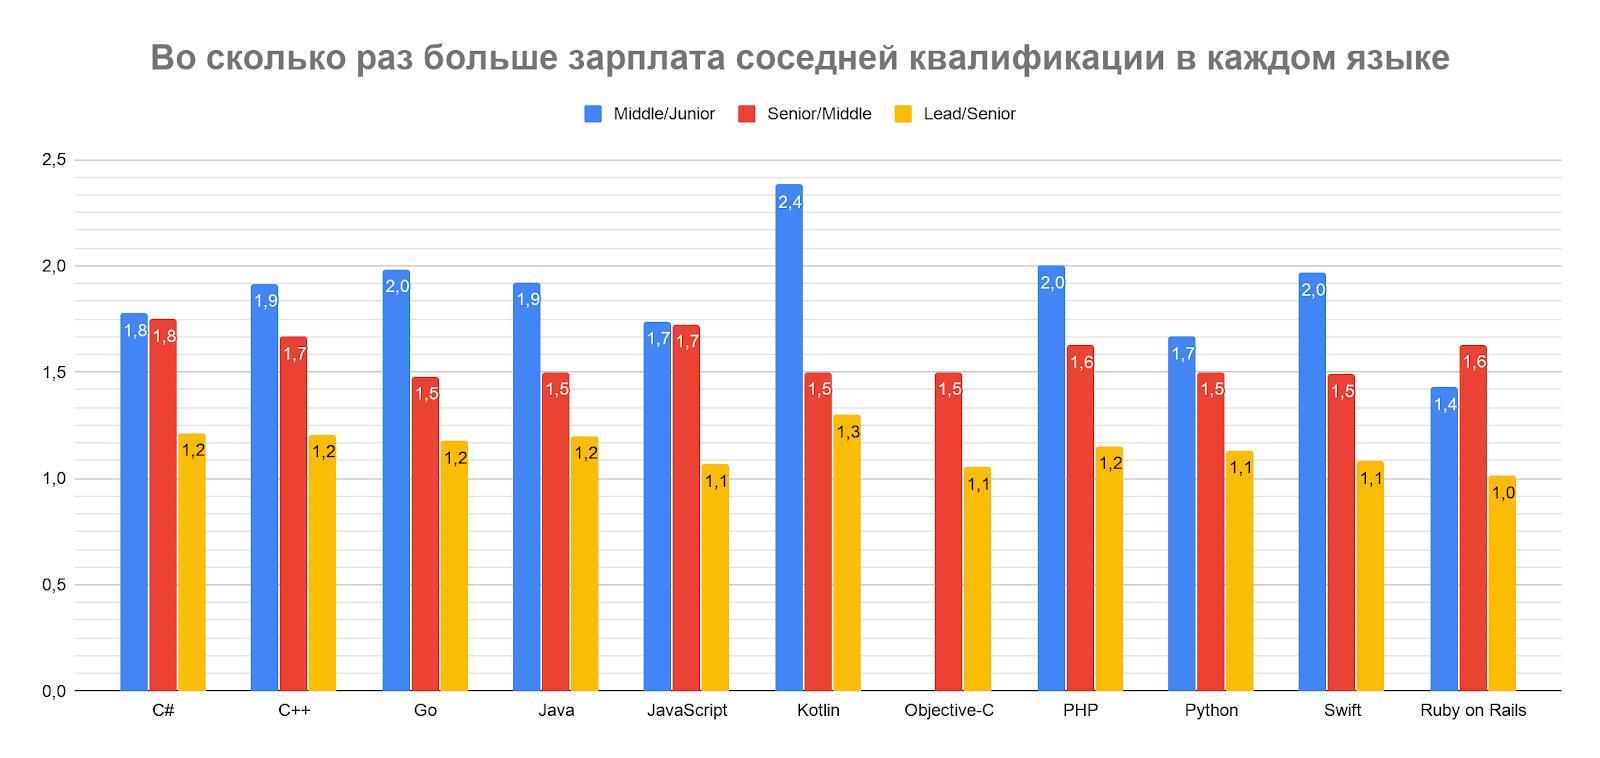 Сколько зарабатывали разработчики разных квалификаций в первом полугодии 2019 - 4